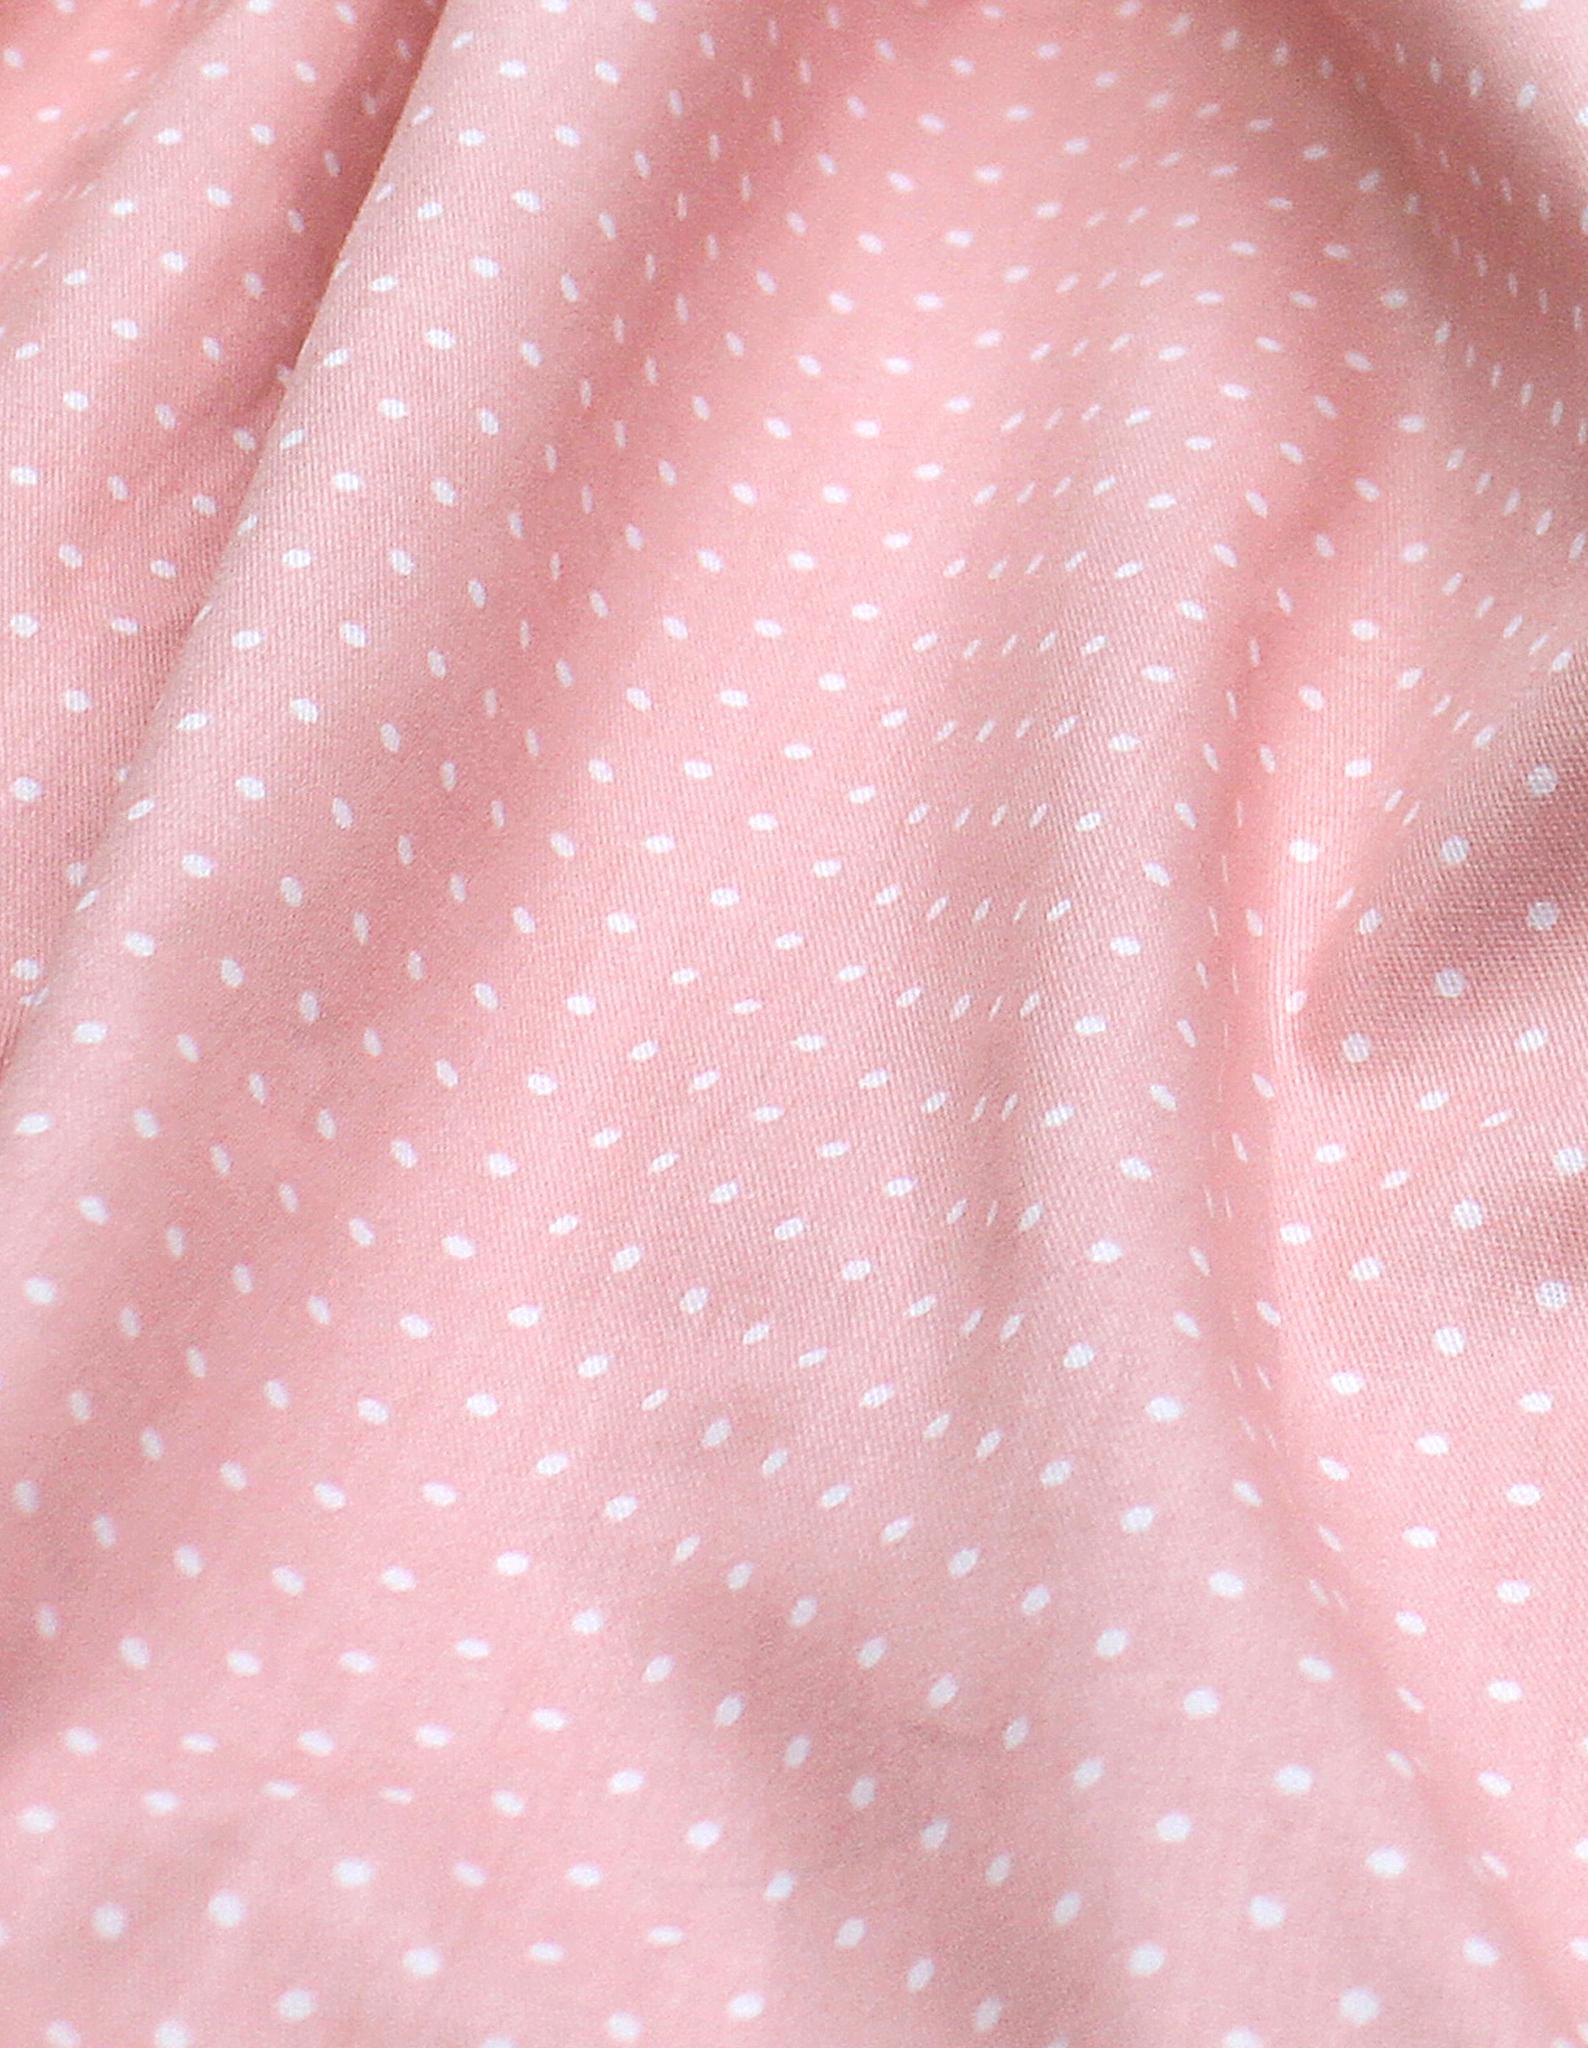 Горошек белый,розовый фон